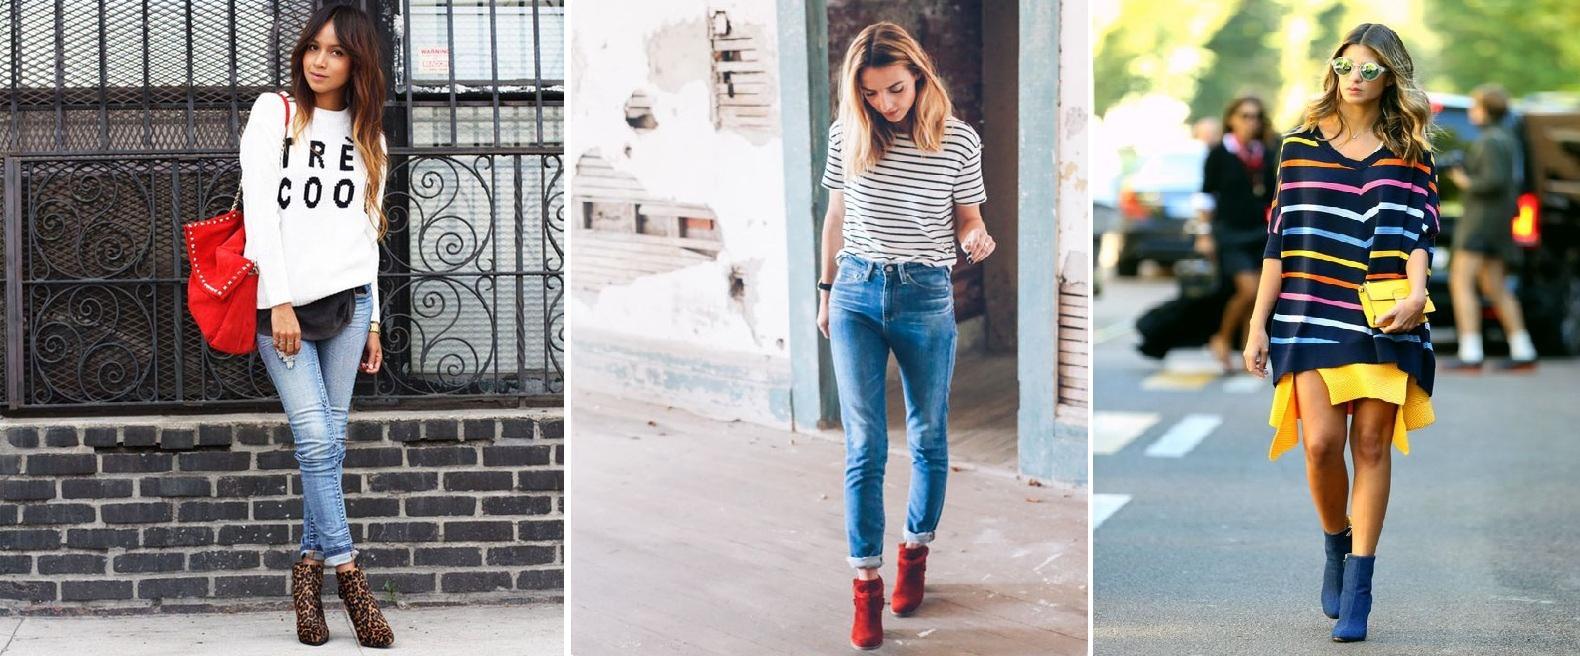 Se inspirar no que vê na rua, nas passarelas brasileiras e internacionais ou até mesmo nas vitrines das lojas também pode ser uma ideia de ter um visual estiloso. Além disso, pesquisar como as fashionistas estão mesclando looks em plataformas